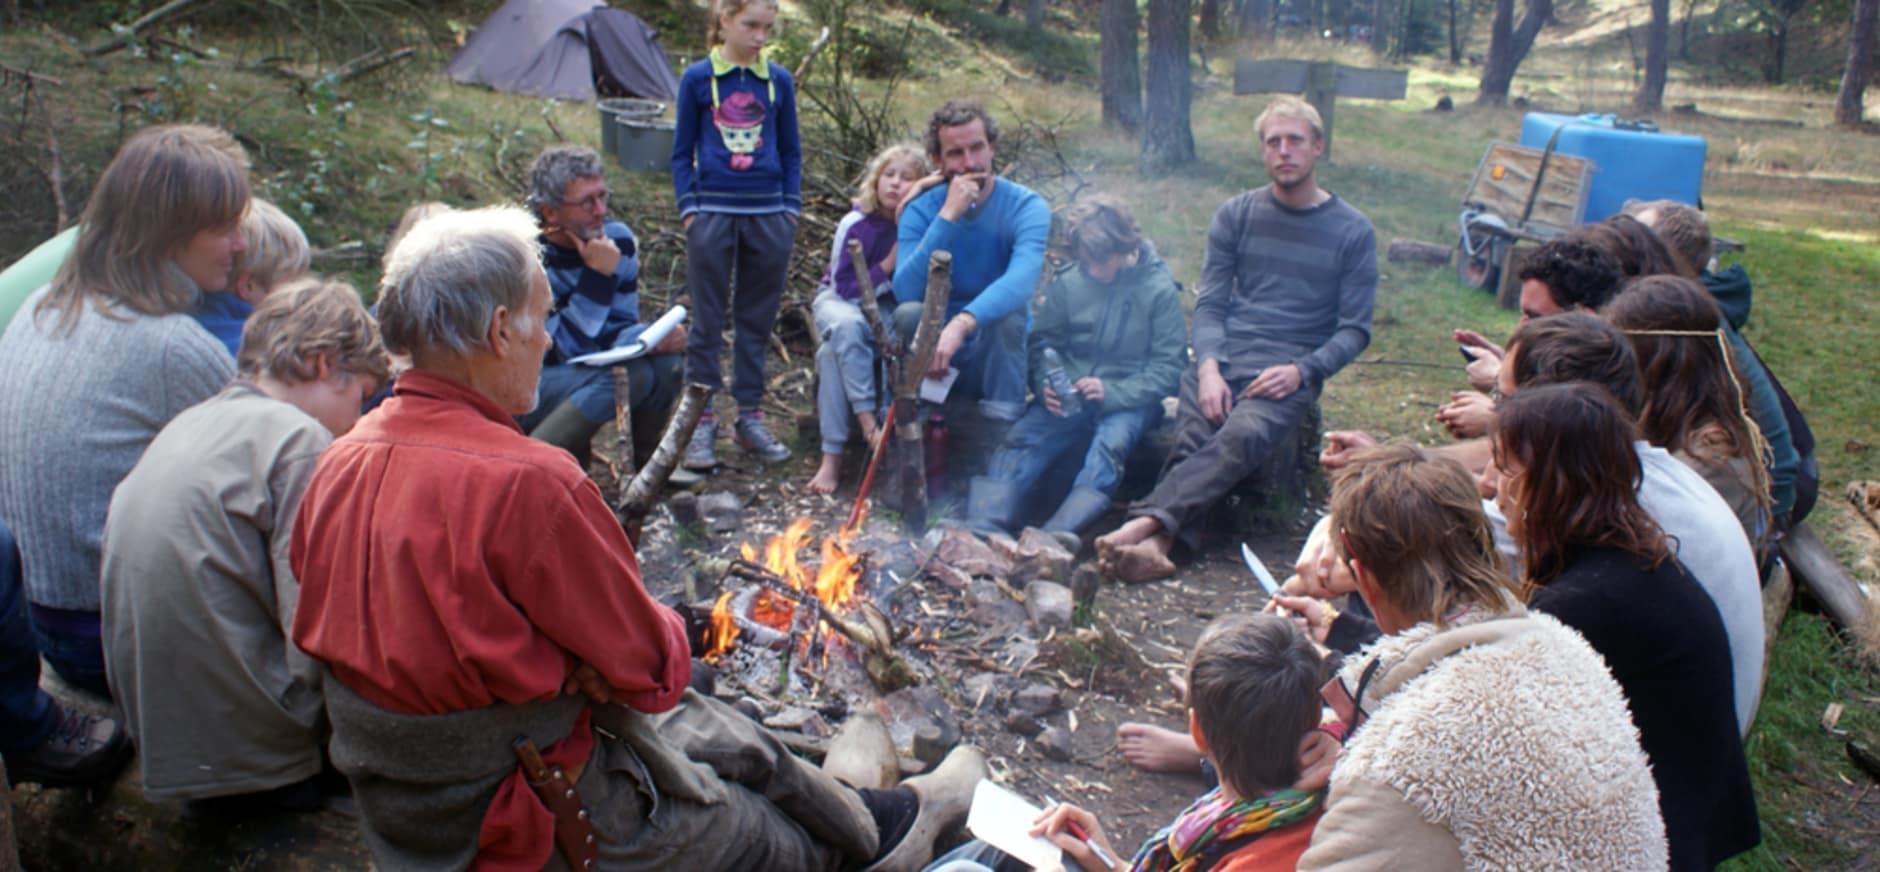 Leer overleven in de Leuvenumse bossen